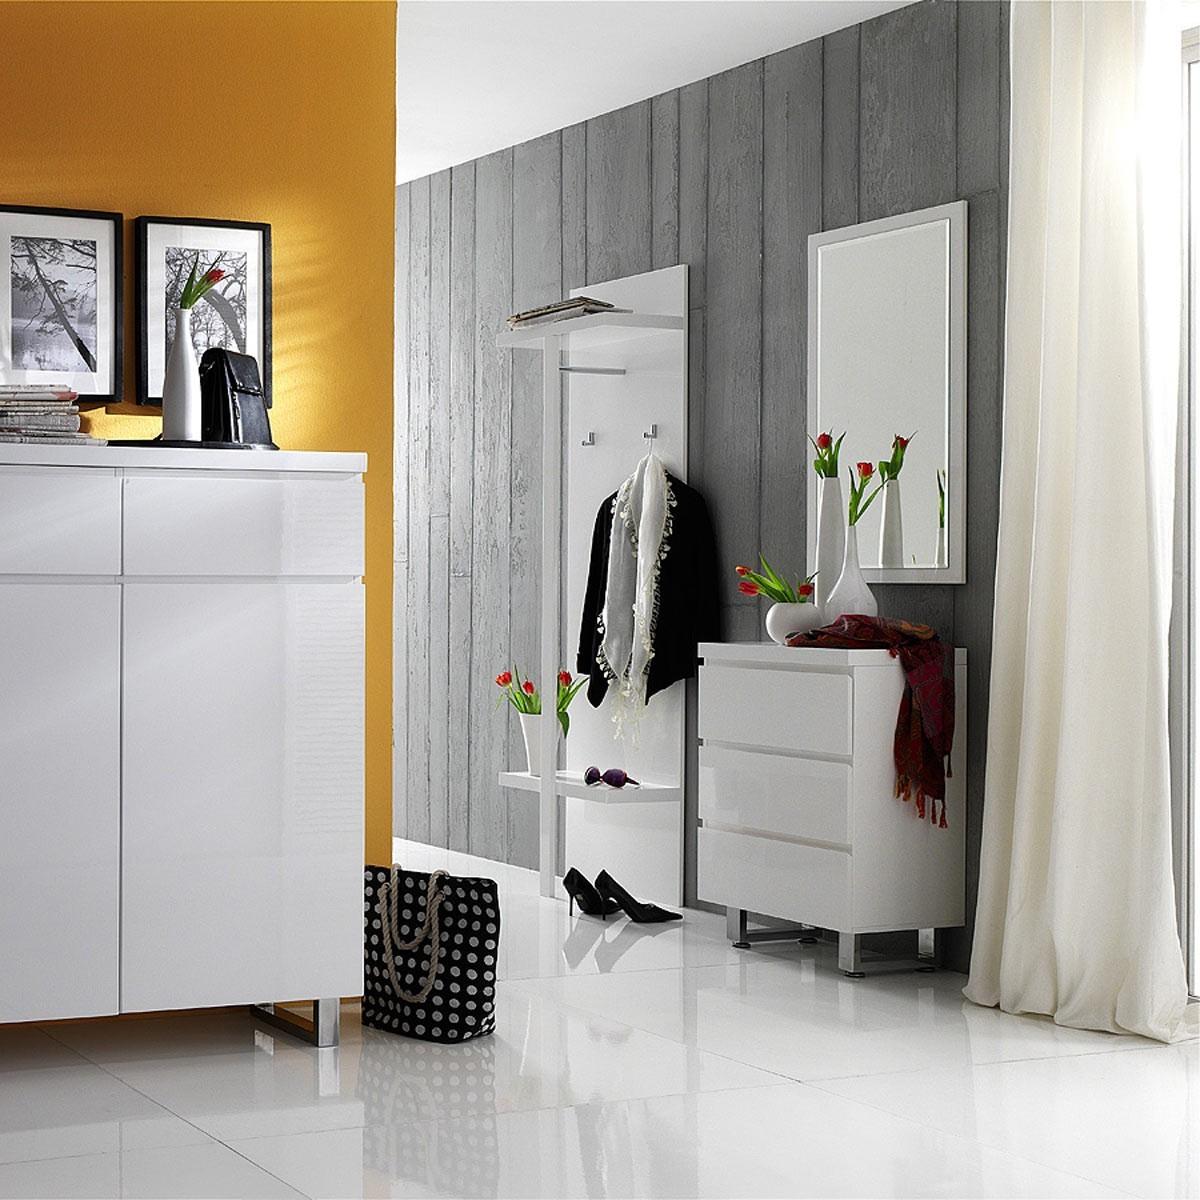 sonoma eiche paneele interessante ideen f r die gestaltung eines raumes in ihrem. Black Bedroom Furniture Sets. Home Design Ideas